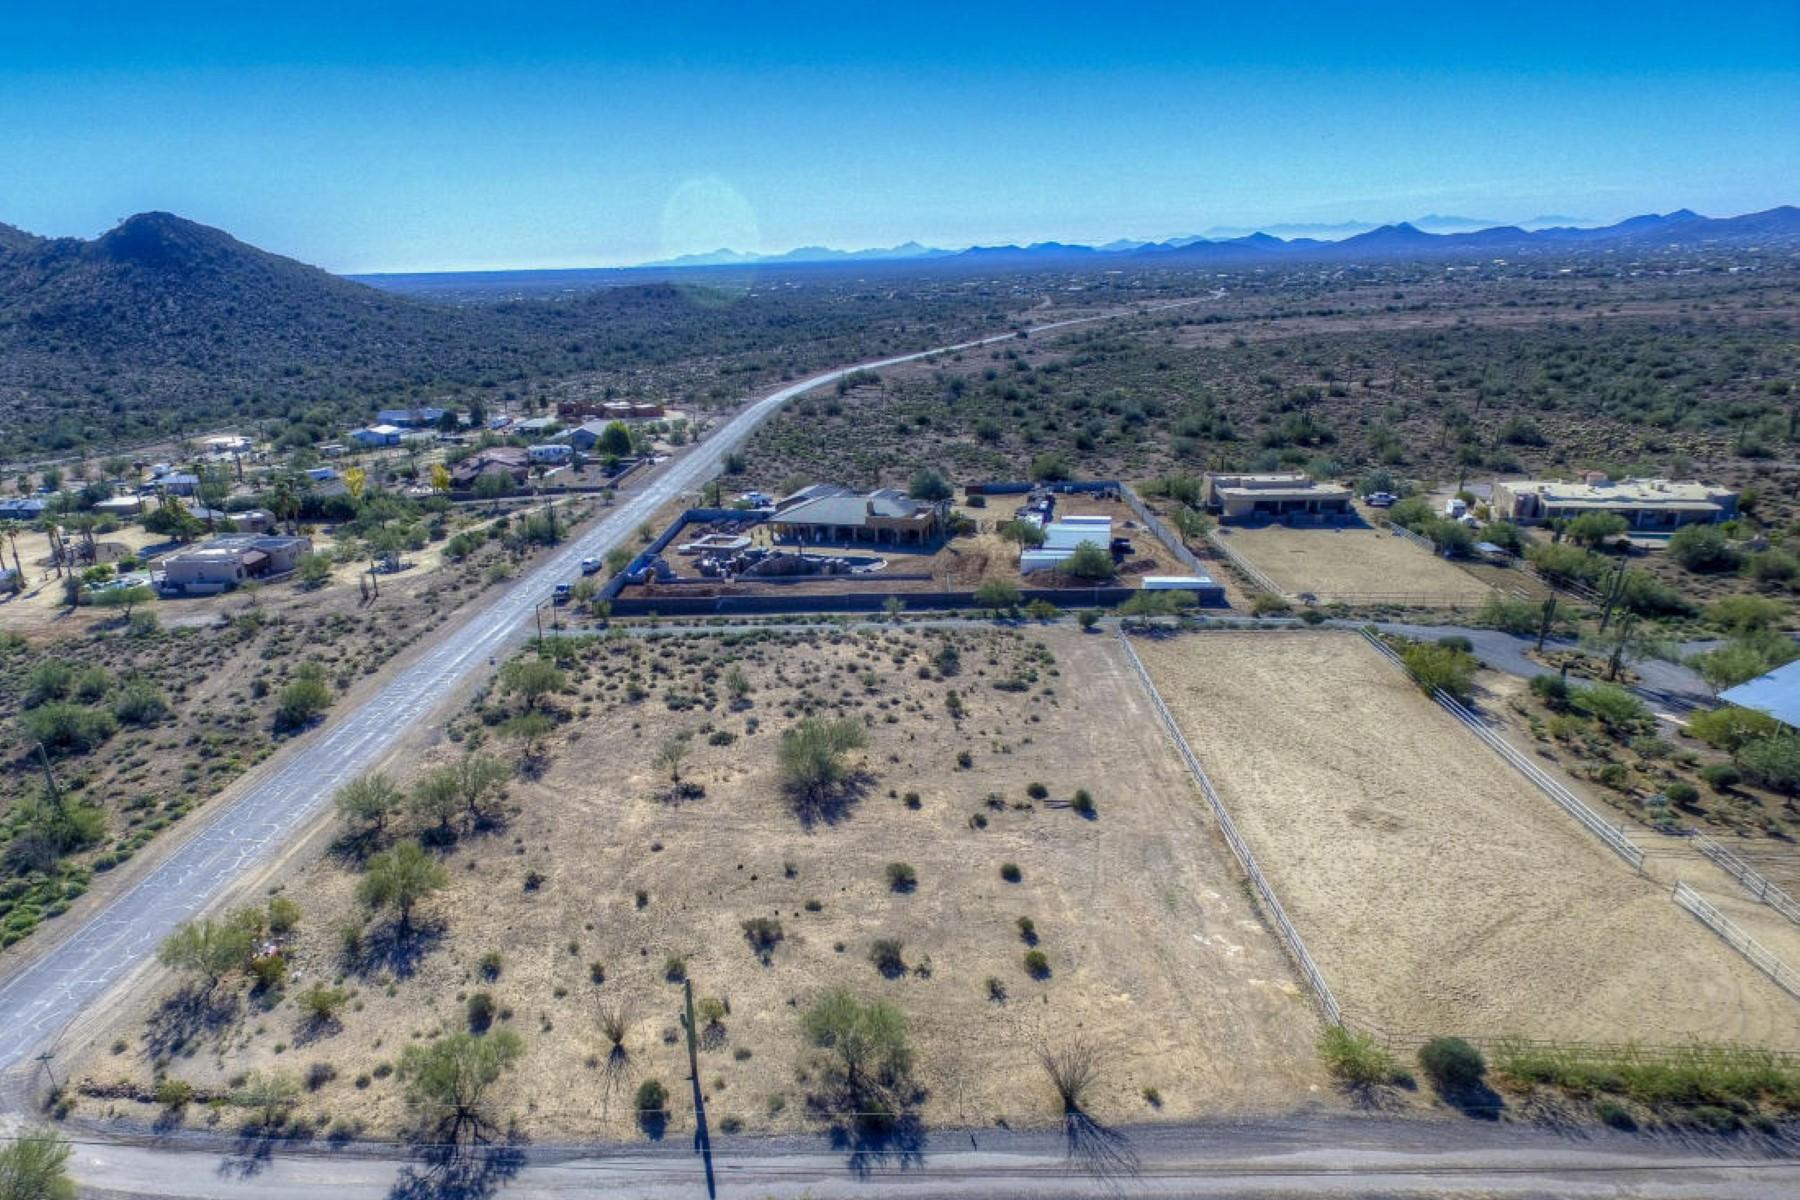 Частный односемейный дом для того Продажа на Rancho Marsalis 5 acre horse facility 39342 N 26th St Cave Creek, Аризона 85331 Соединенные Штаты